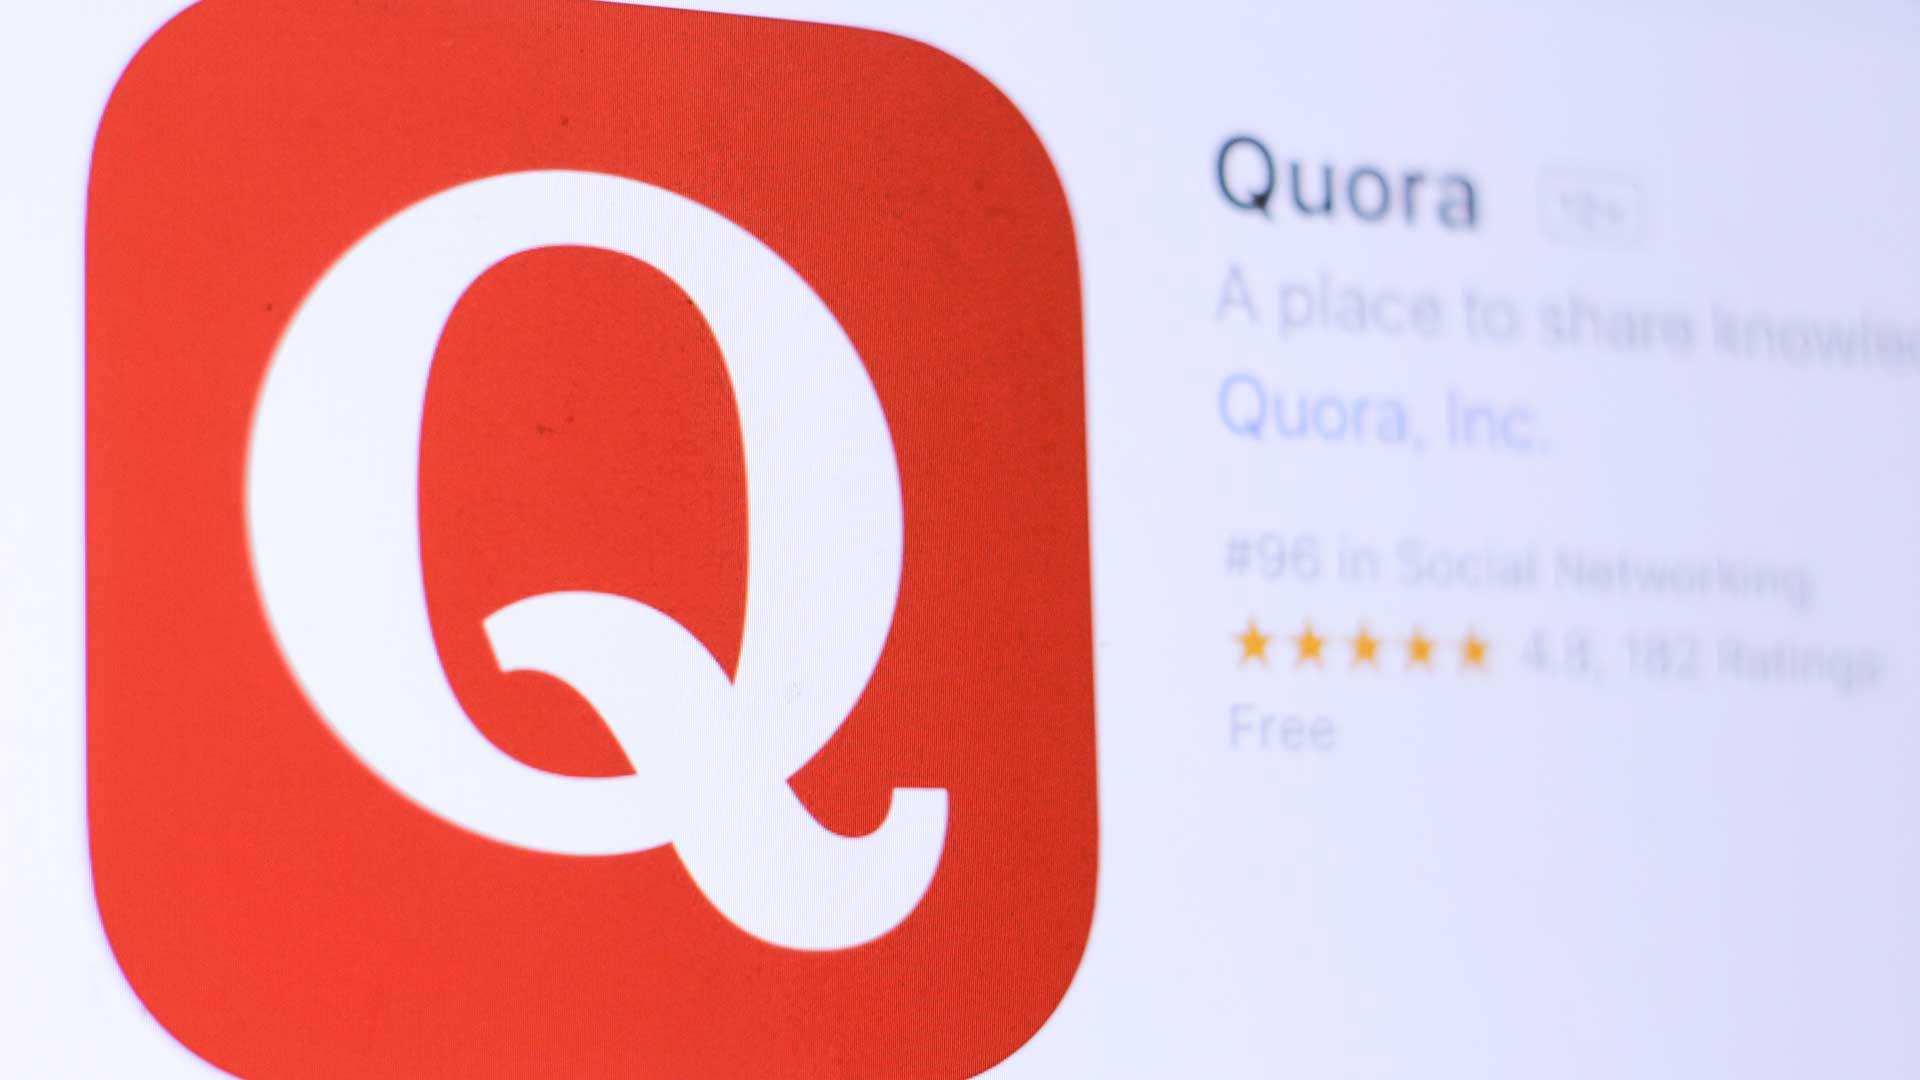 Quora agrega 3 nuevas opciones de orientación para anunciantes